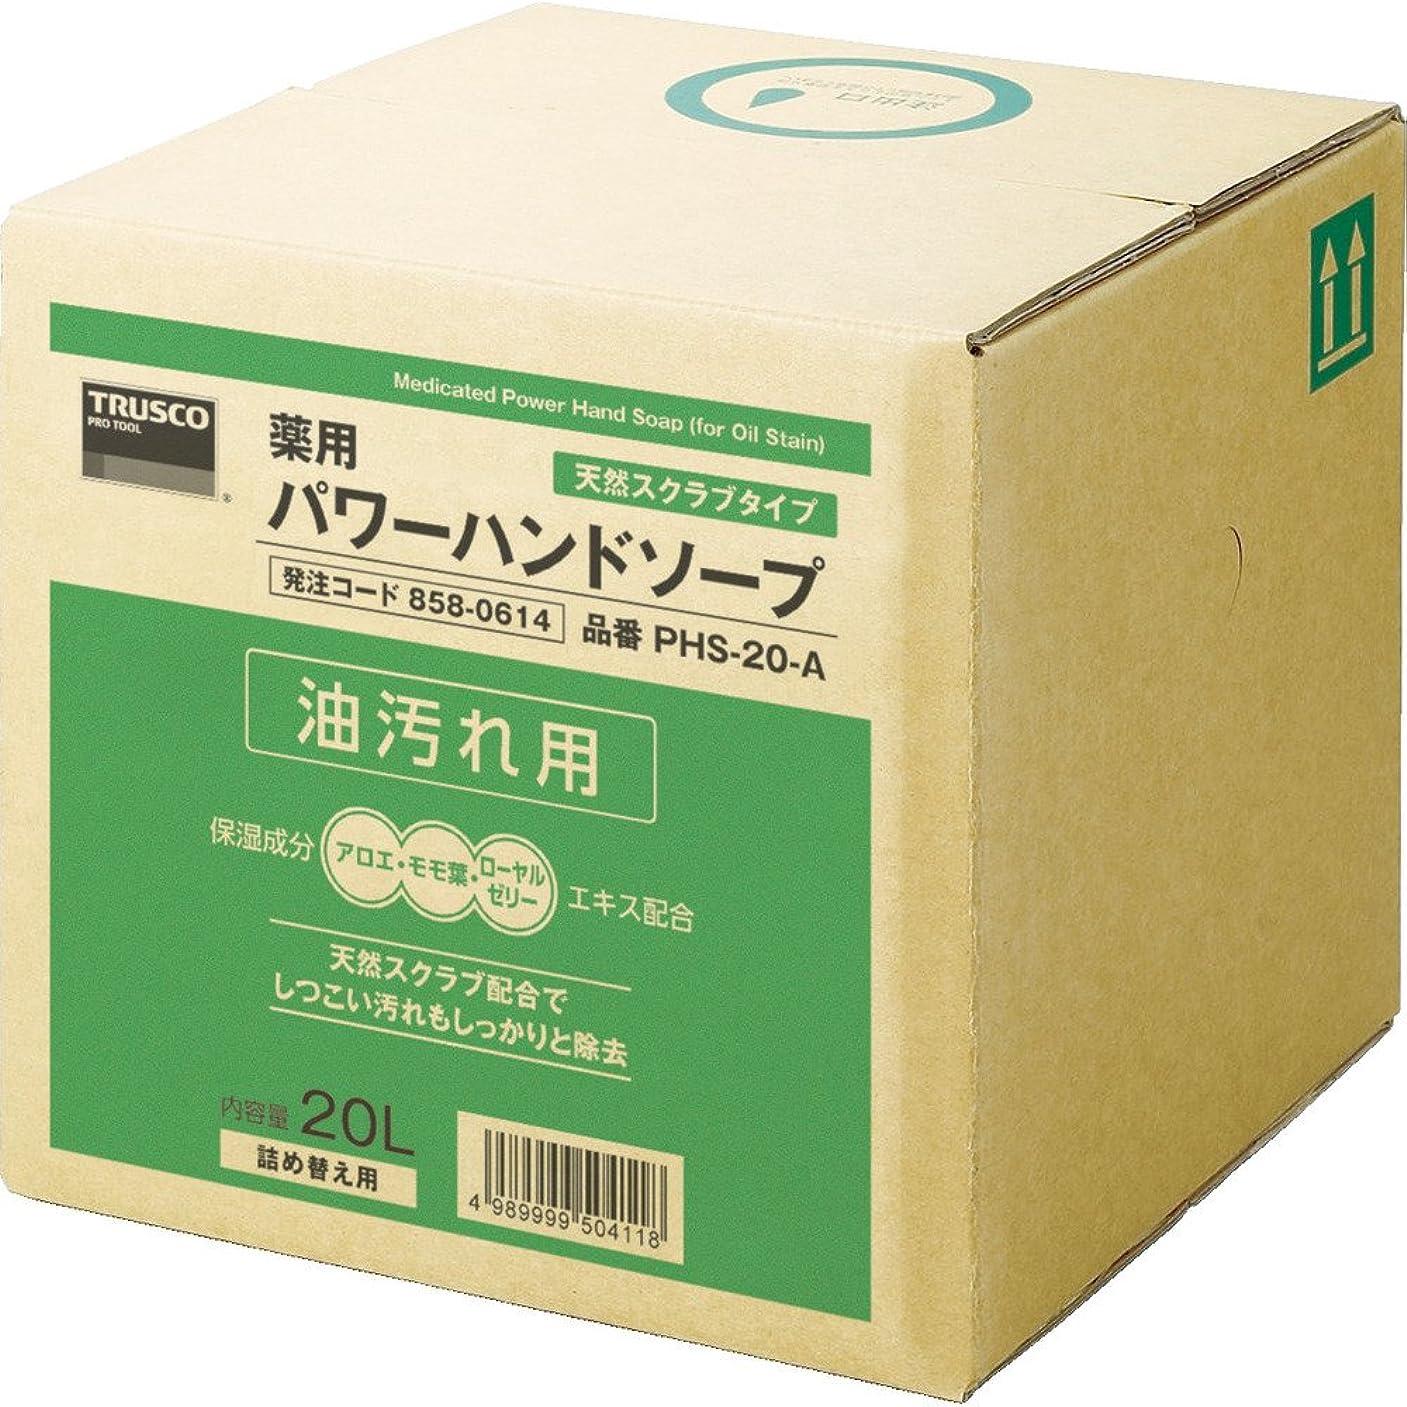 タウポ湖靴褐色TRUSCO(トラスコ) 薬用パワーハンドソープ 20L PHS-20-A